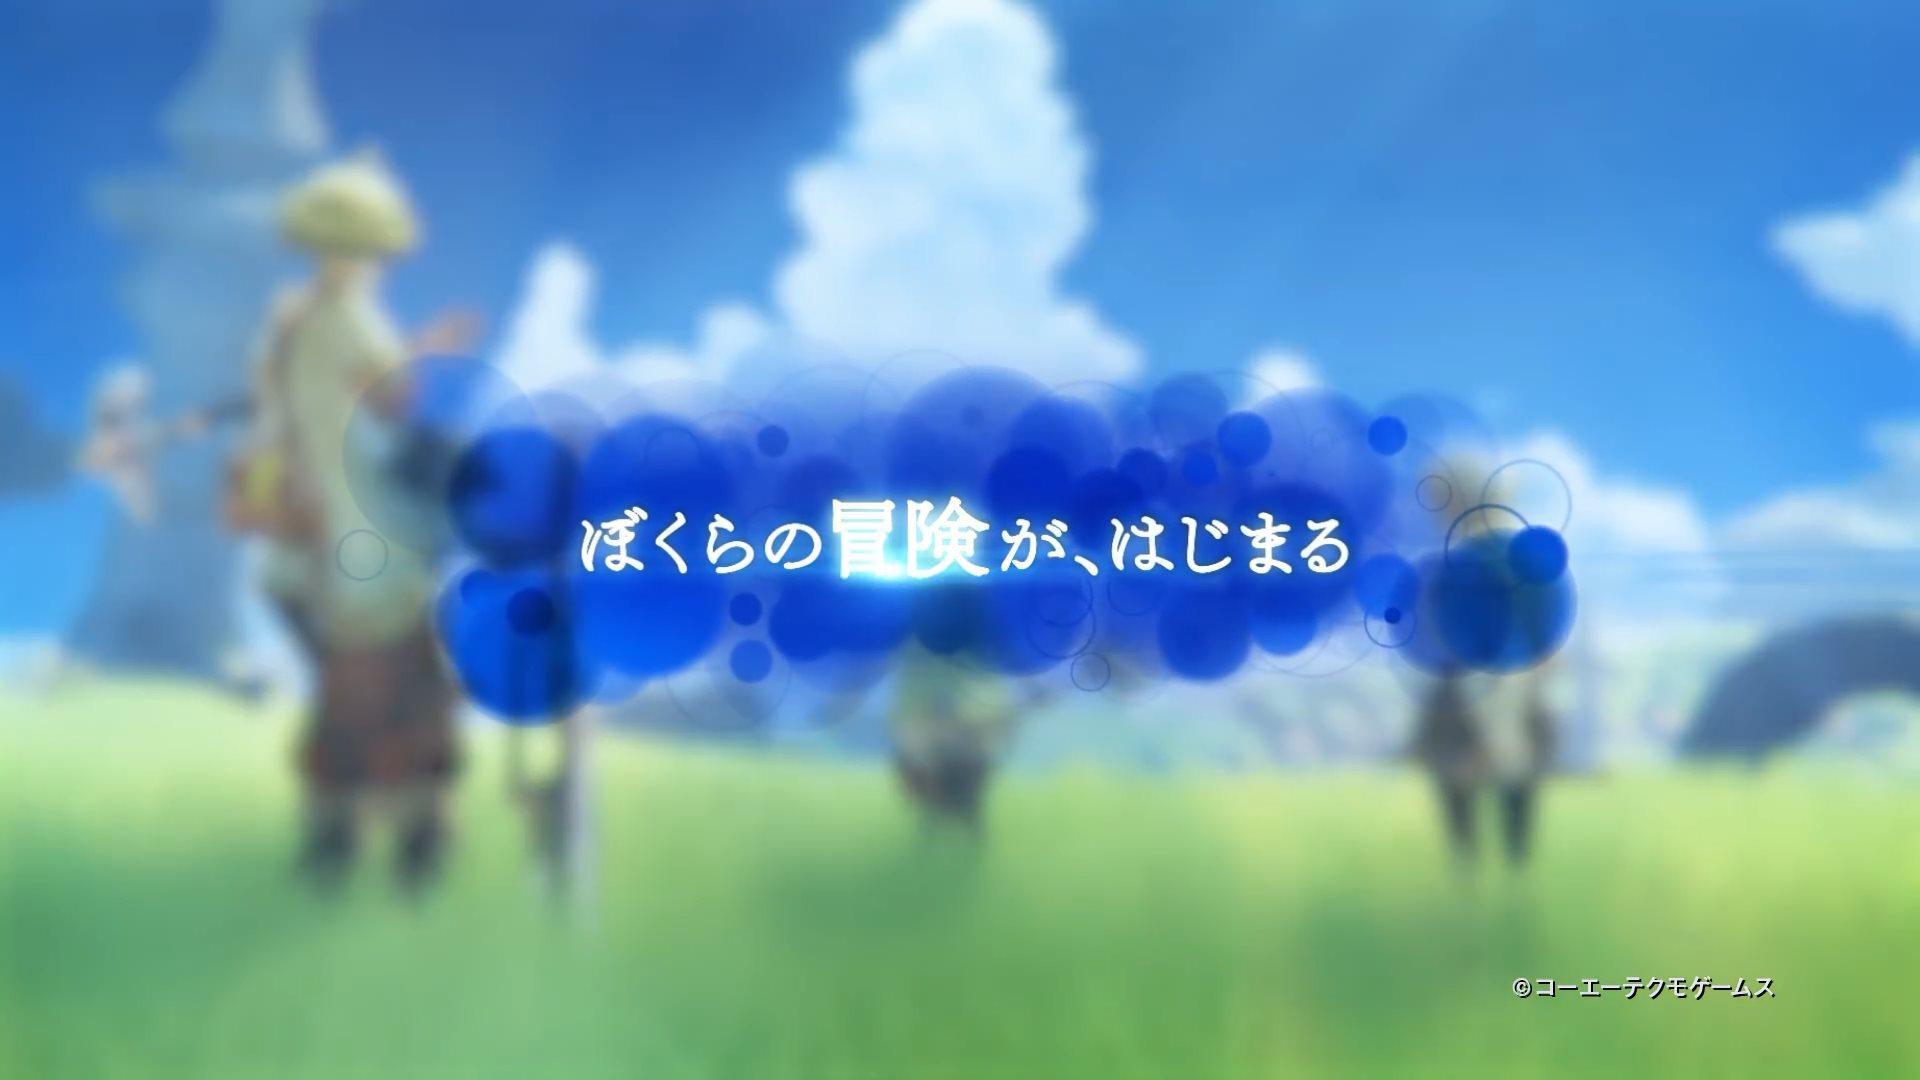 5 12 - PS4『アトリエ 最新作』、キタ━━━━(゚∀゚)━━━━!!